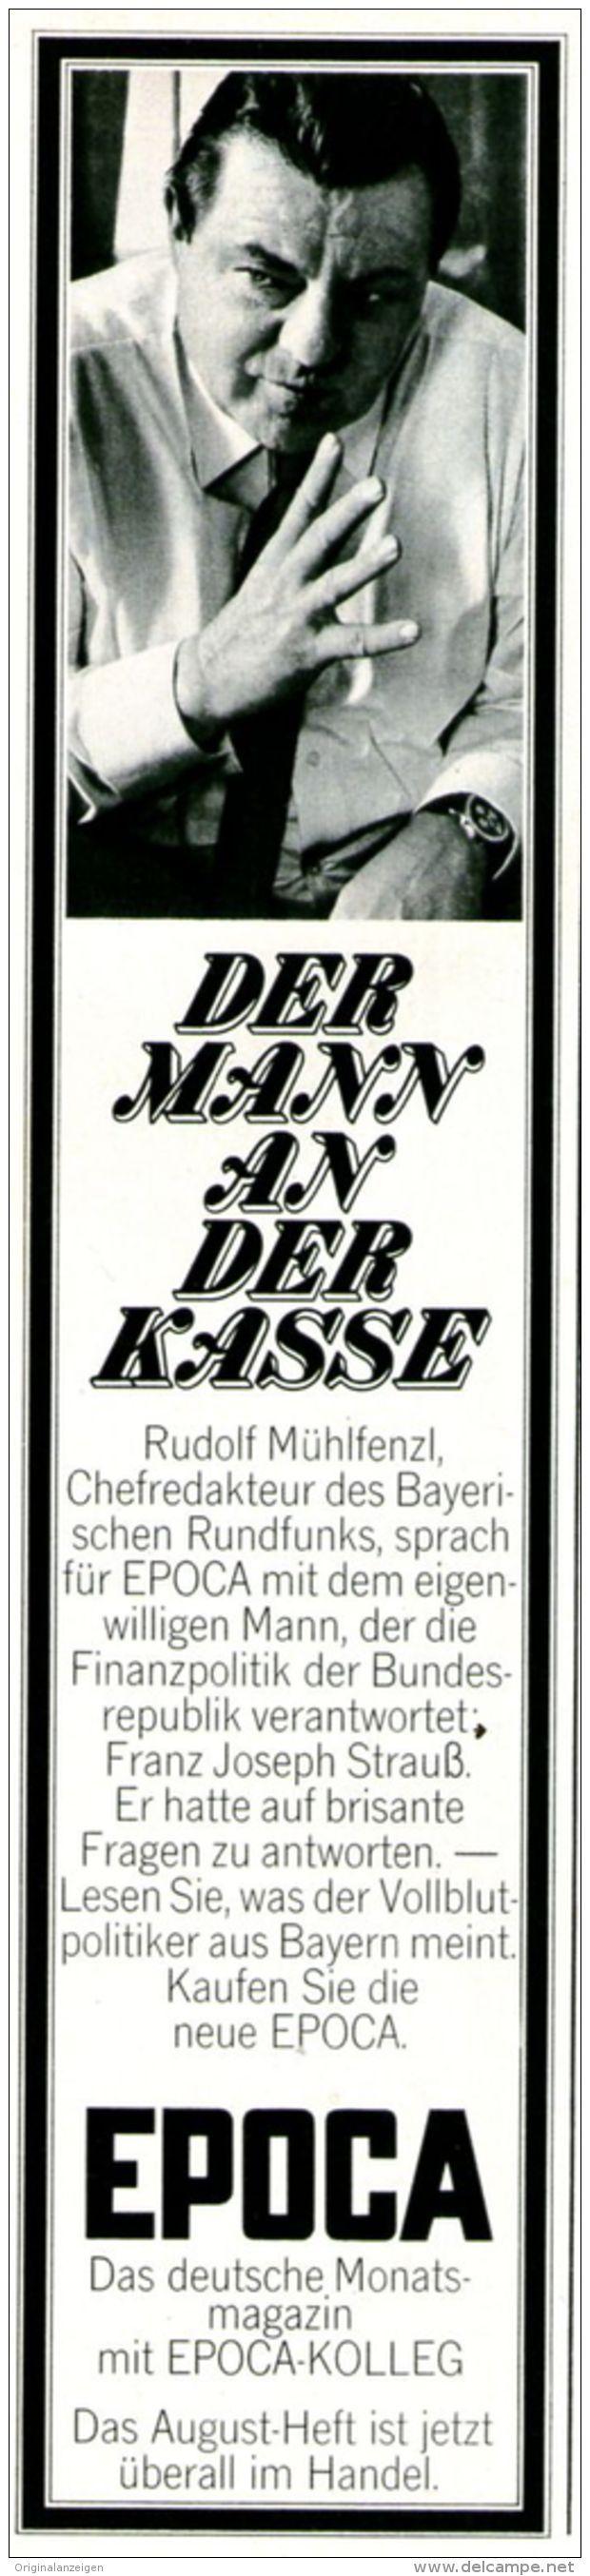 Original-Werbung/ Anzeige 1969 - FRANZ JOSEF STRAUSS / ZEITSCHRIFT EPOCA - ca. 55 x 240 mm